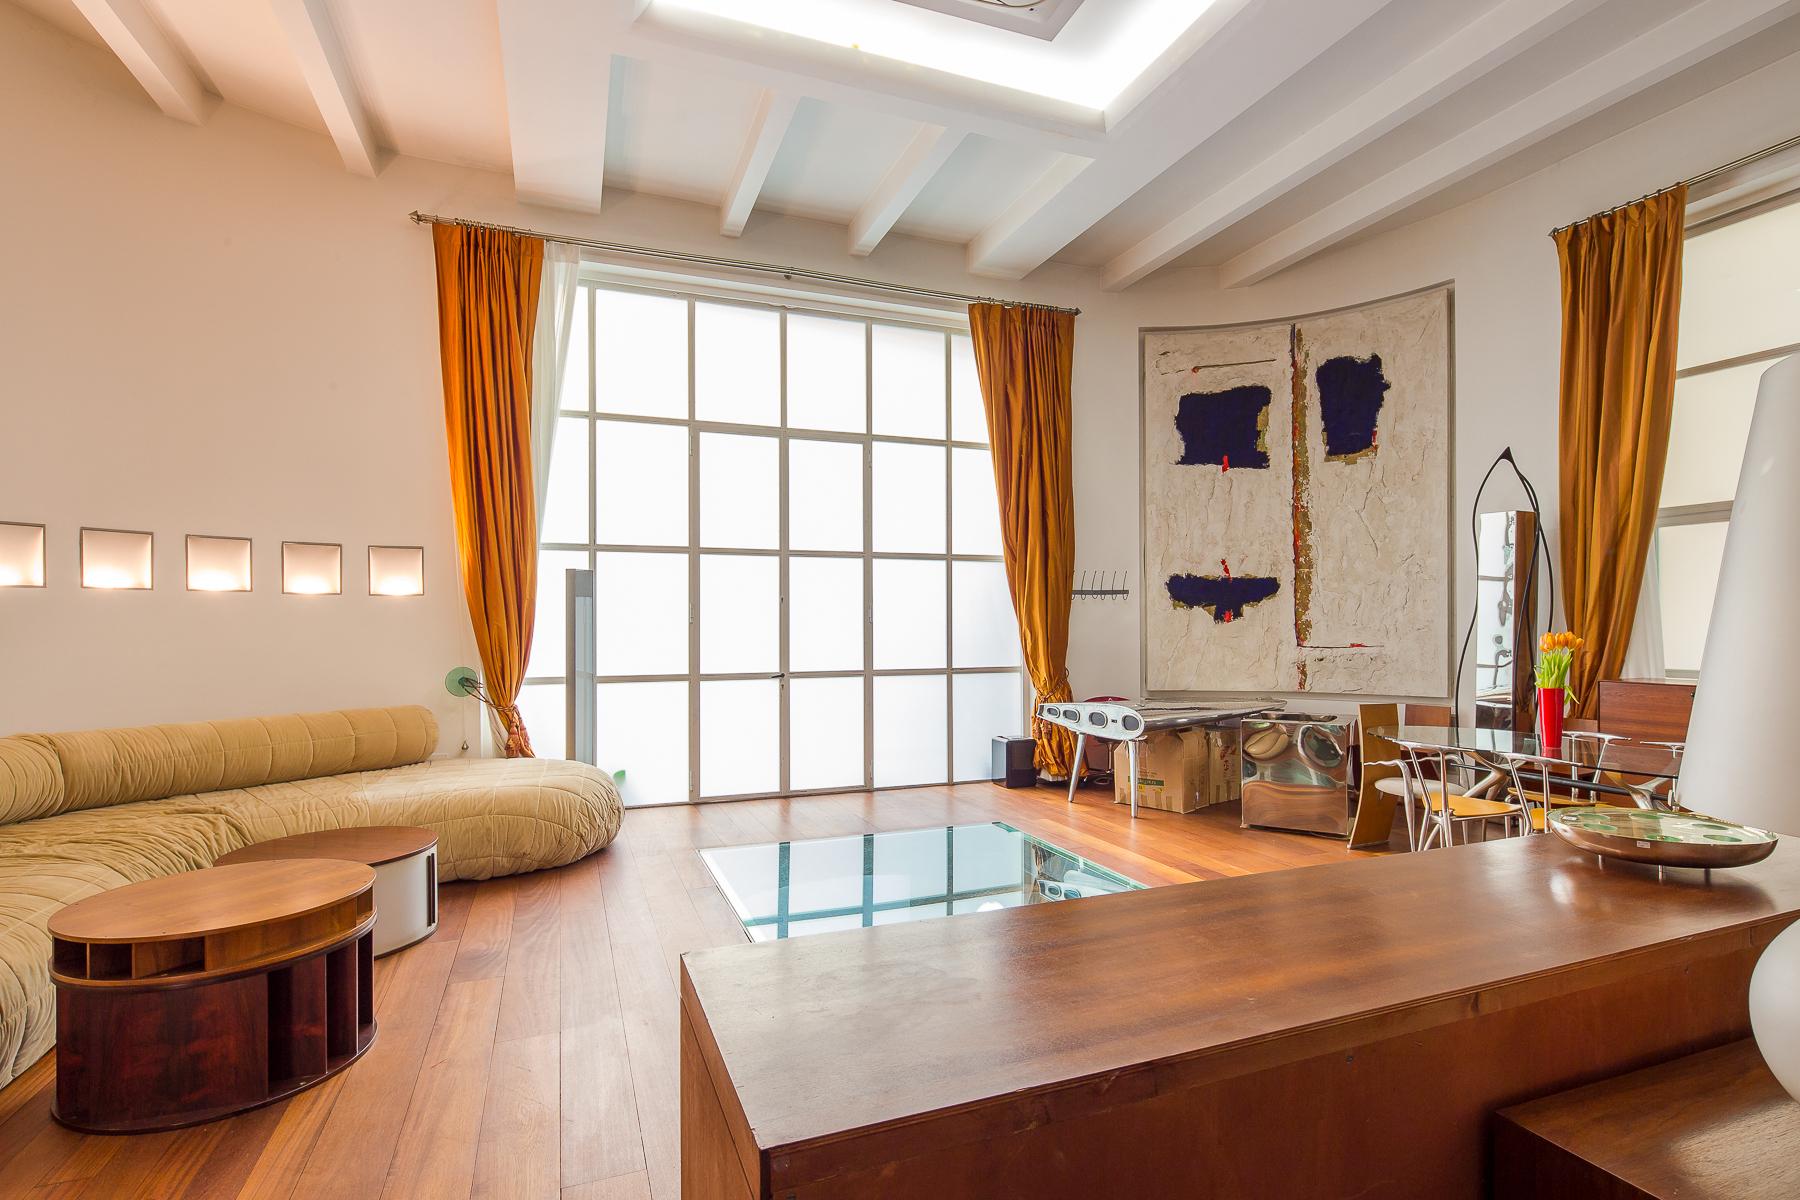 Casa indipendente in Vendita a Milano: 5 locali, 330 mq - Foto 5